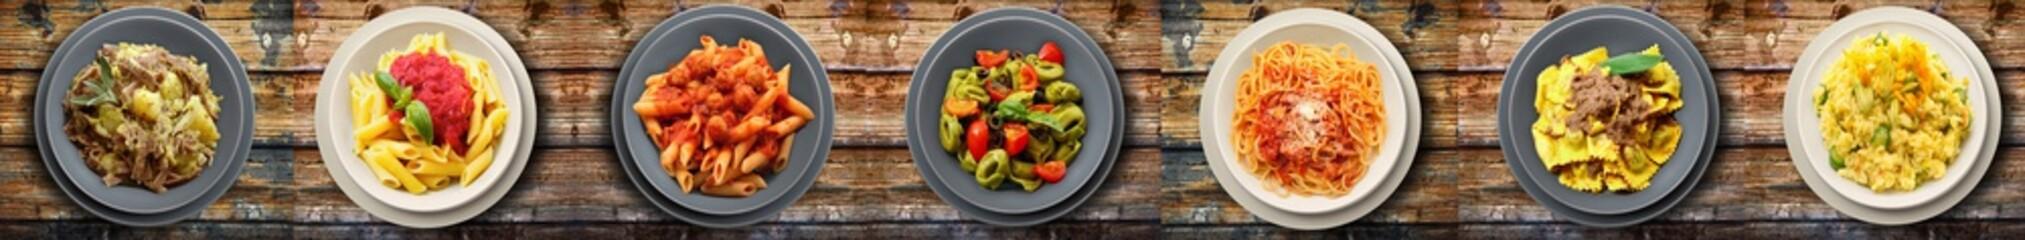 italian pasta on wooden background